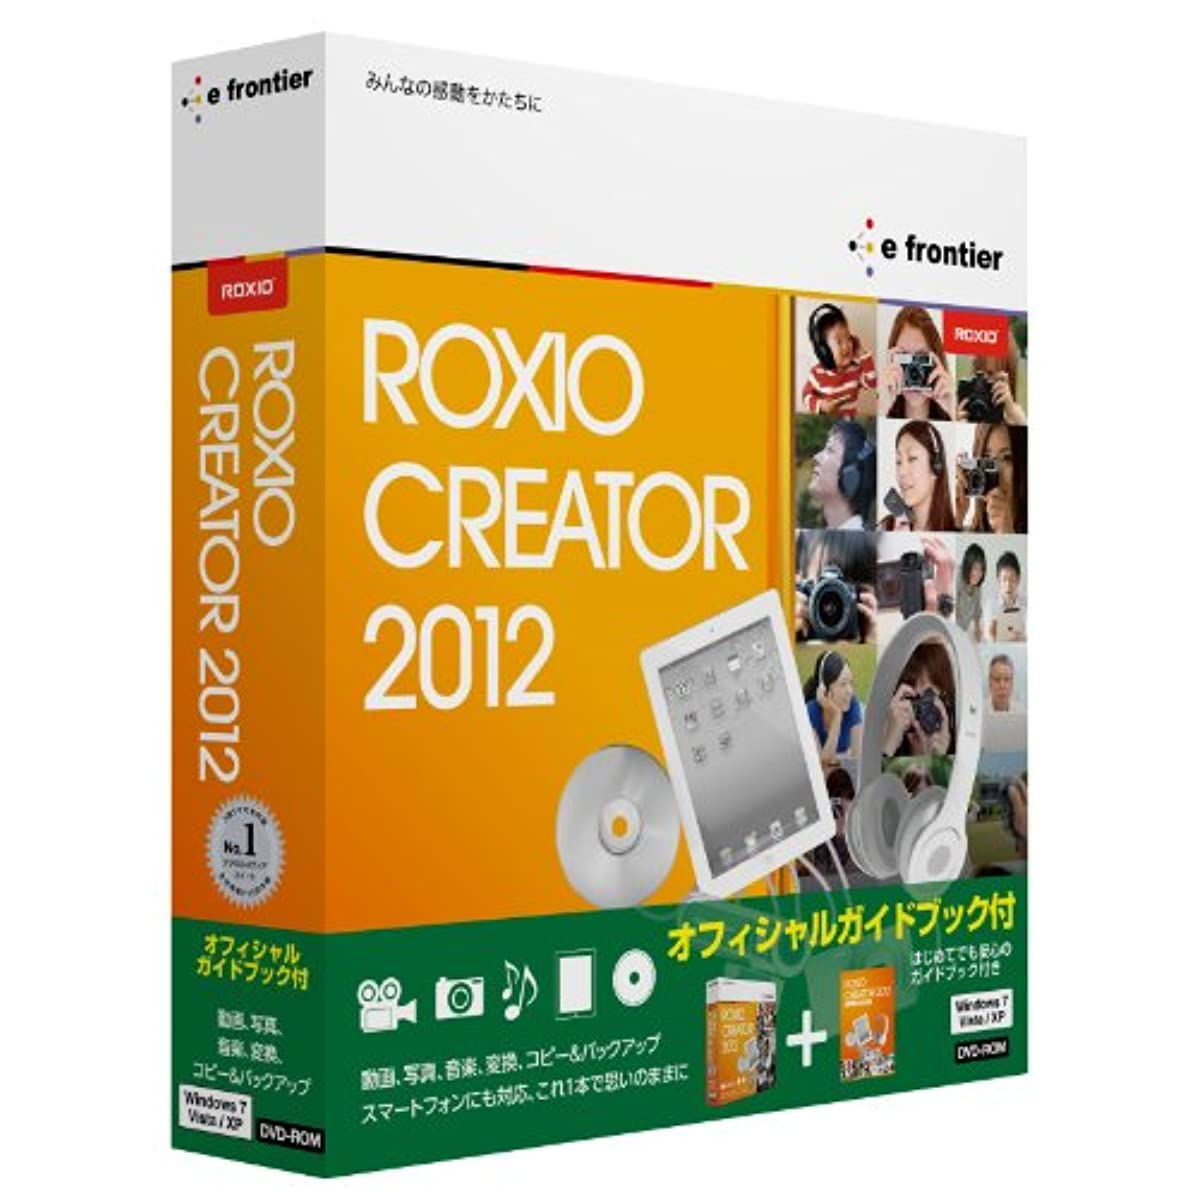 独創的手荷物アーティファクトRoxio Creator 2012 オフィシャルガイドブック付き